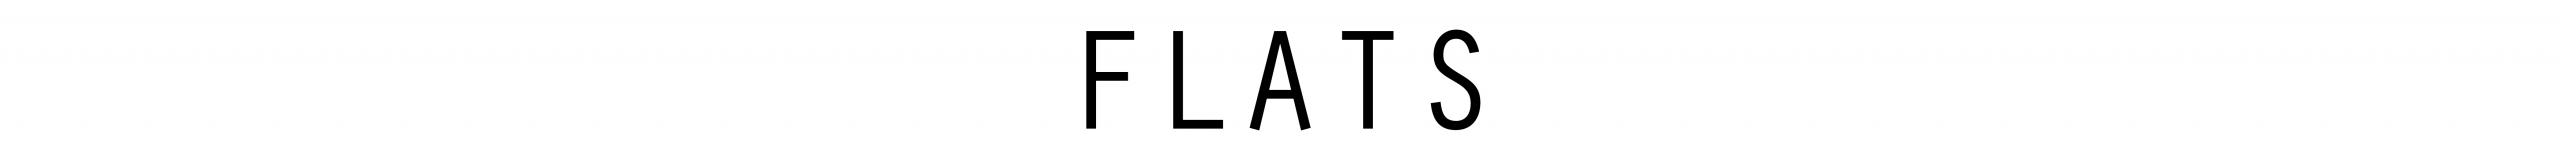 FLATS1